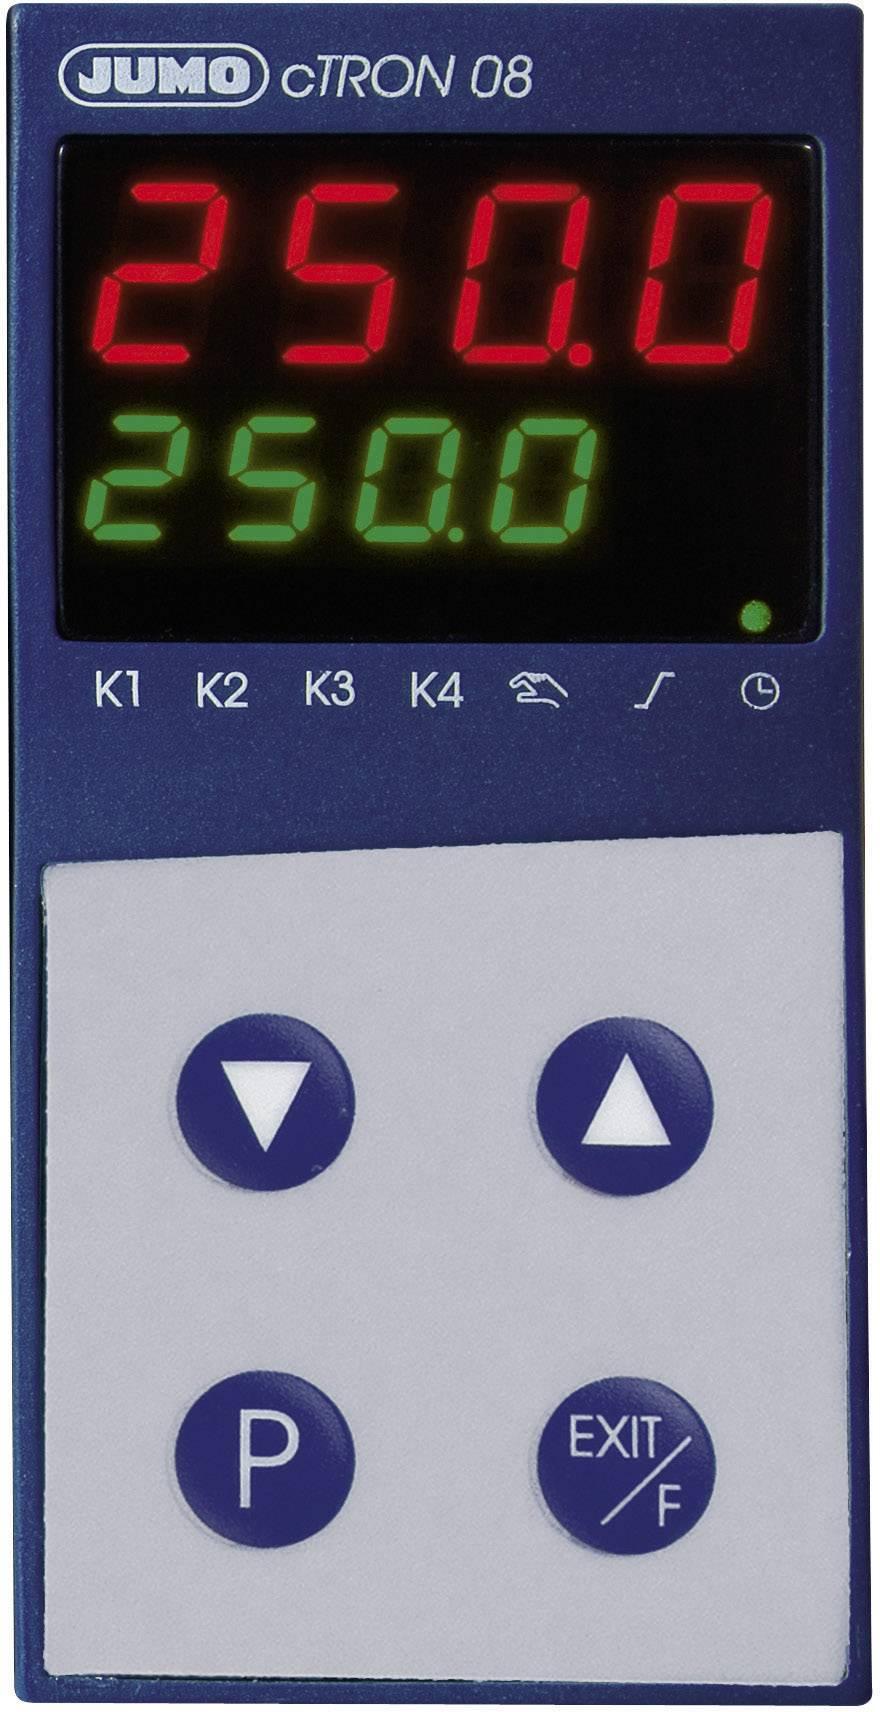 Kompaktný trojstupňový termostat s časovačom Jumo CTRON08, 110 - 240 V/AC